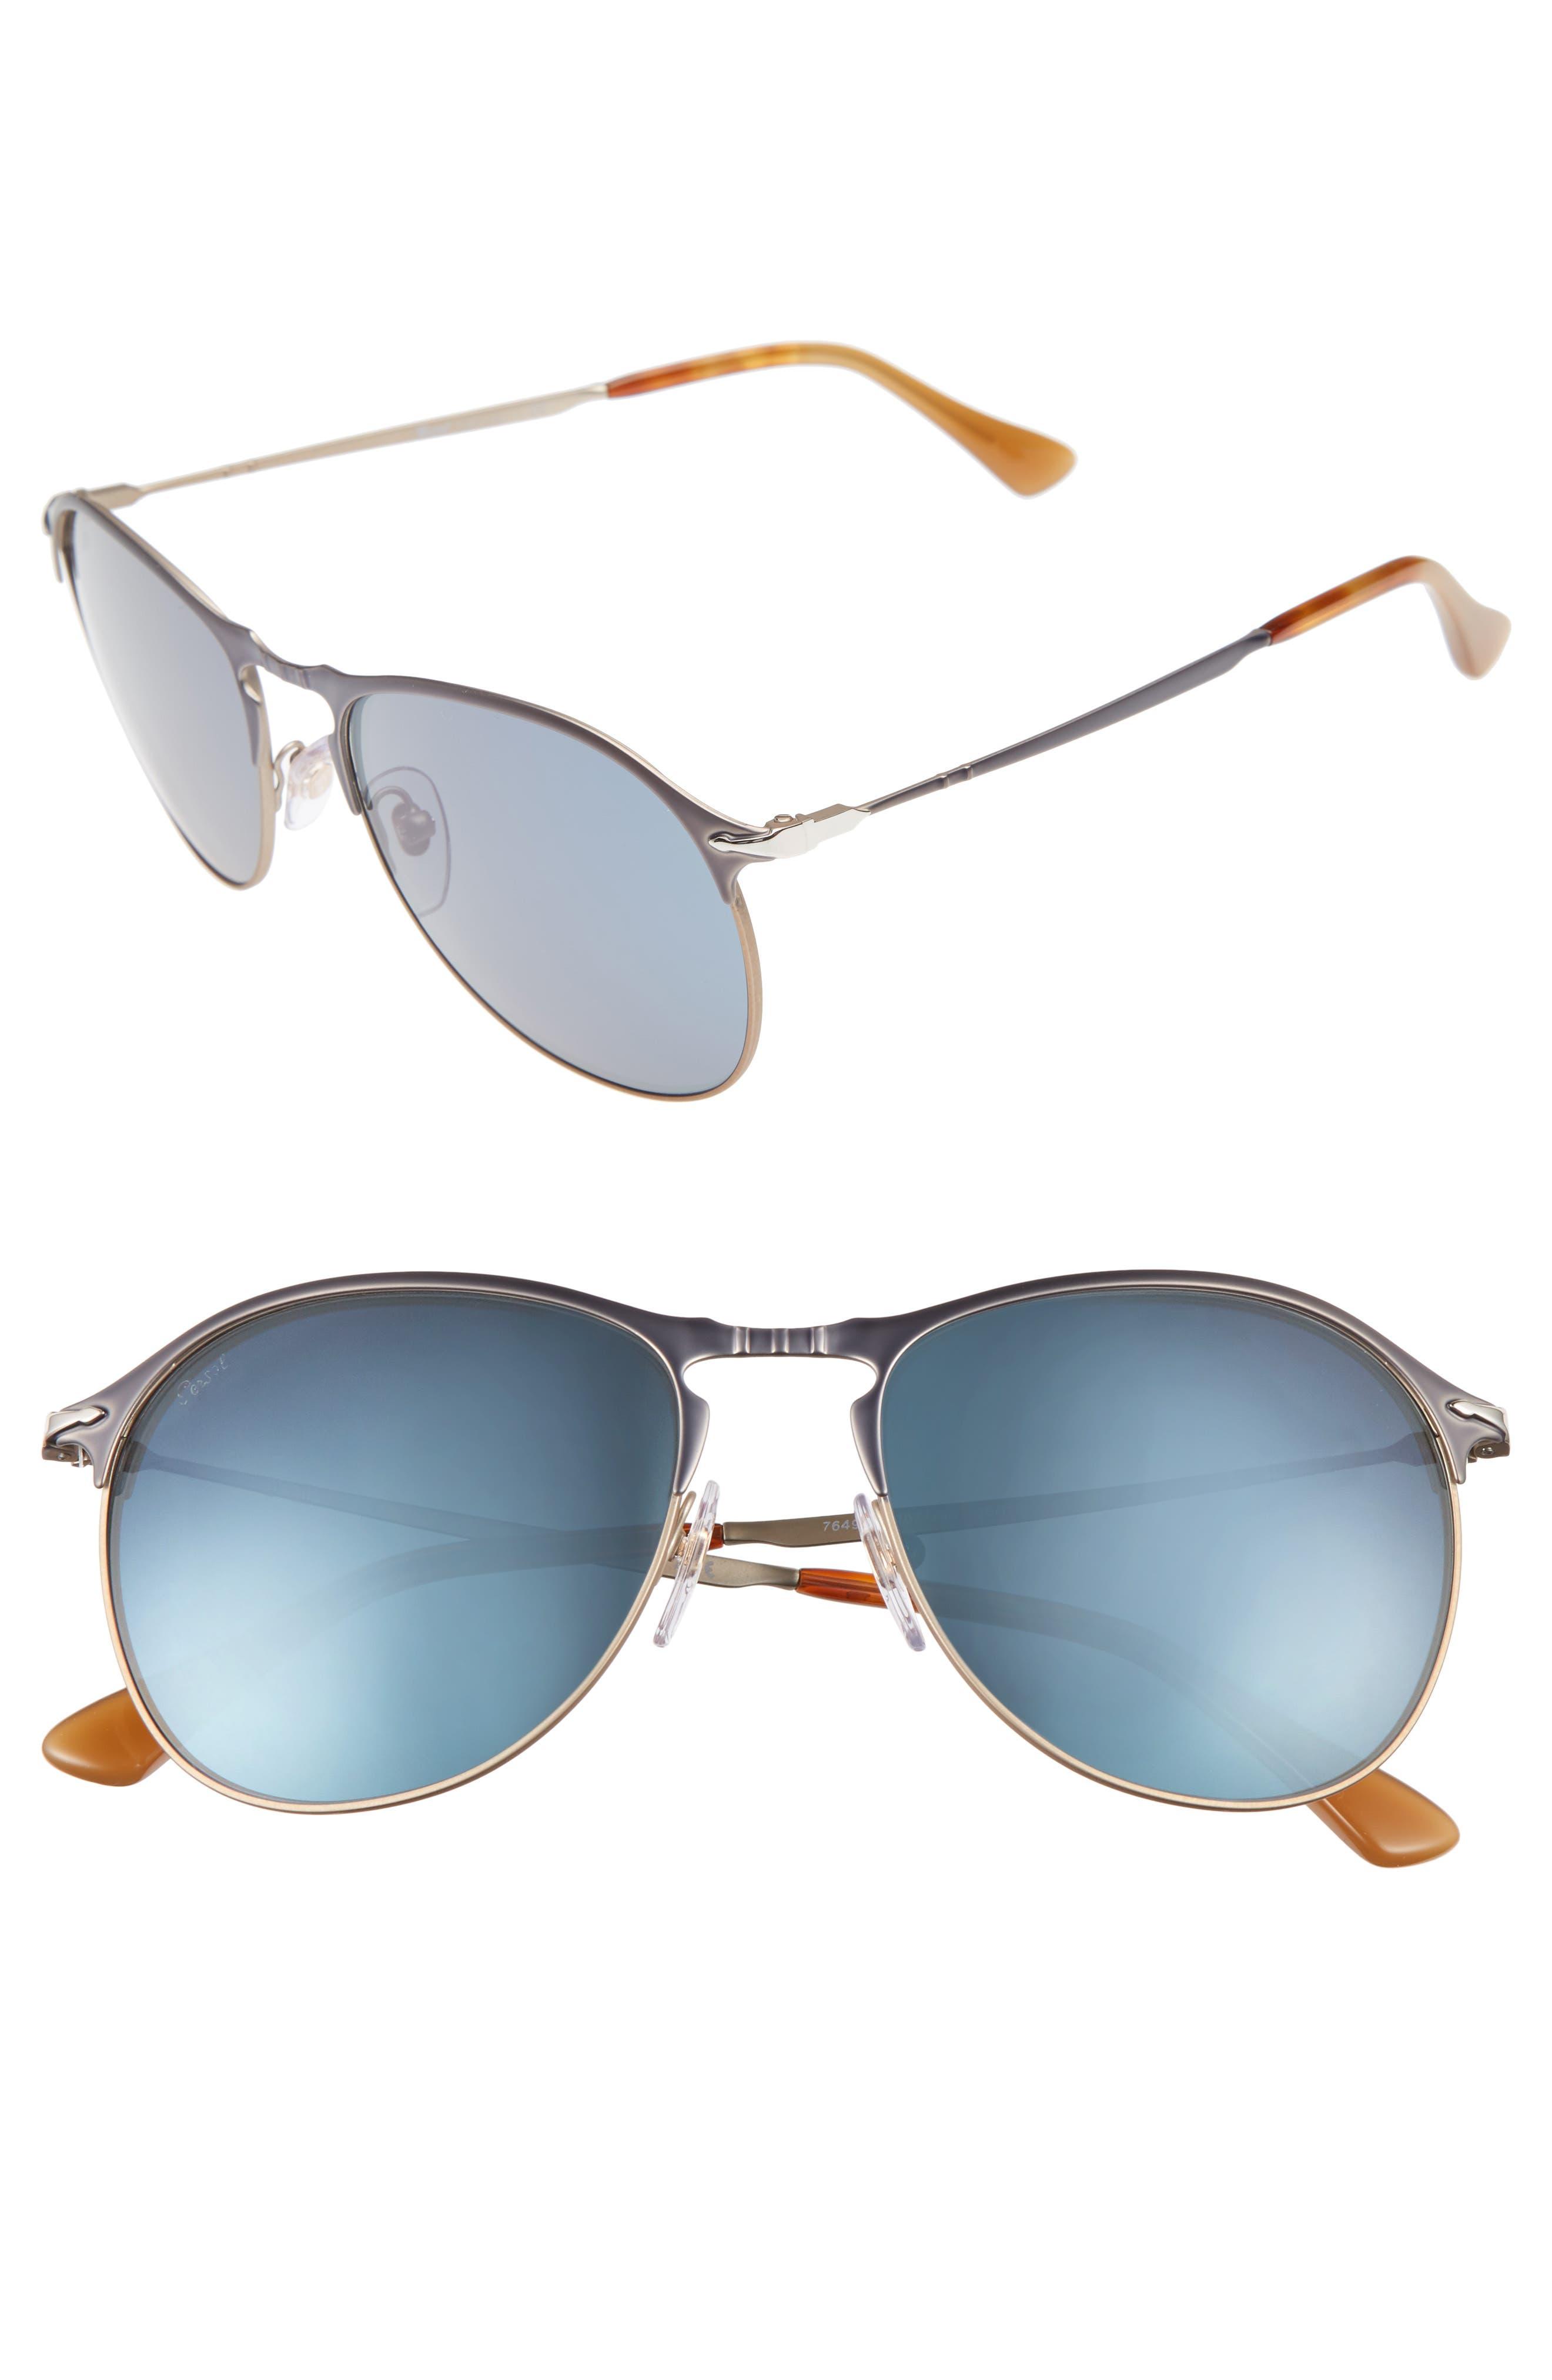 Sartoria 56m Aviator Sunglasses,                         Main,                         color,